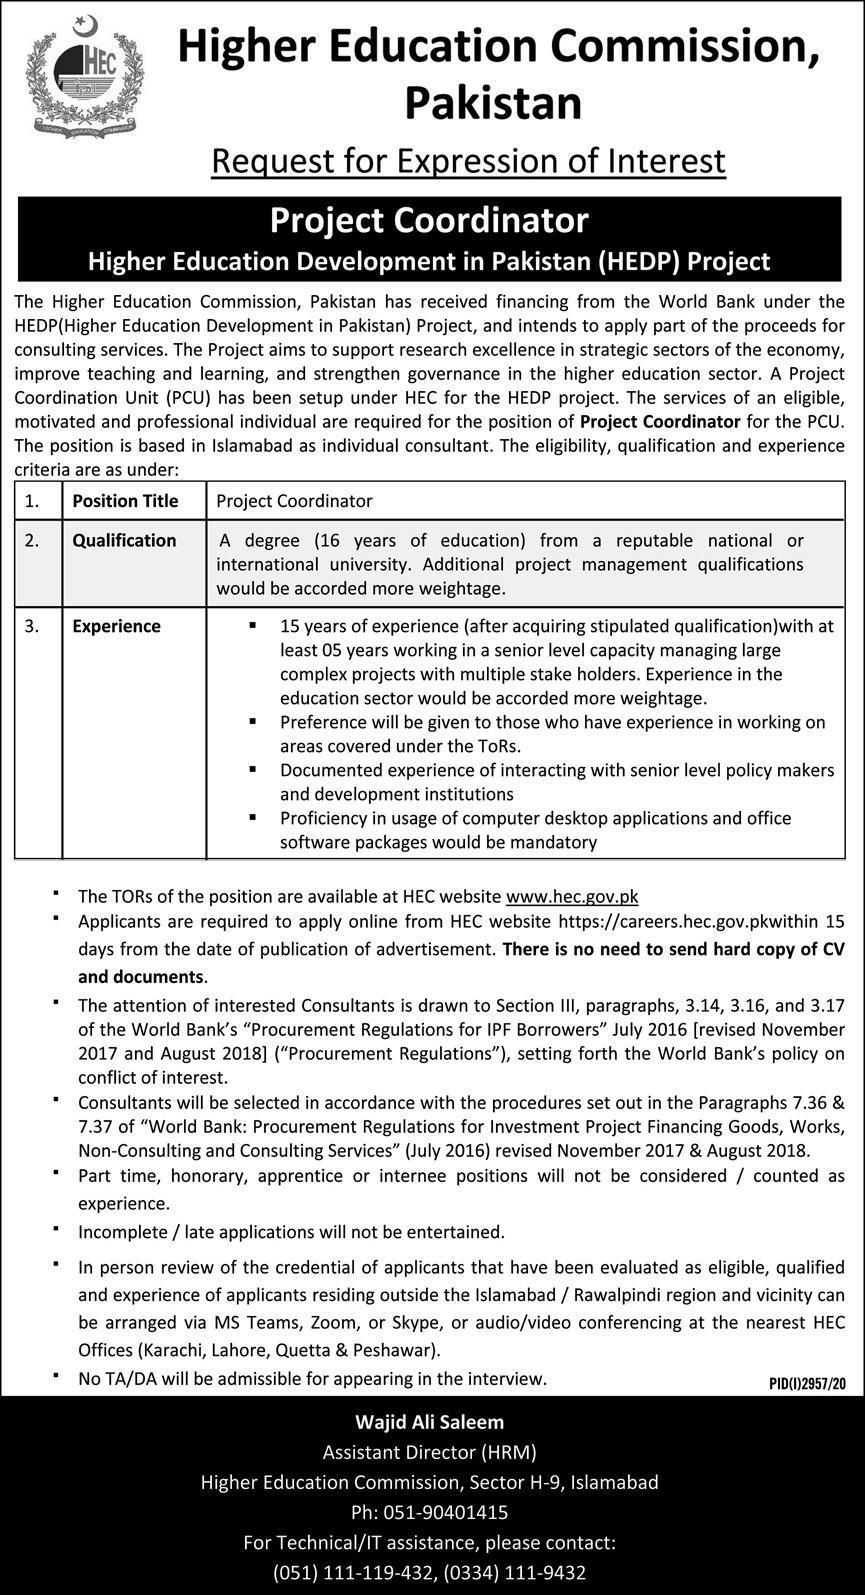 HEC Pakistan HEC Website Jobs HEC Portal Latest Jobs in Pakistan - Online Apply - careers.hec.gov.pk New Jobs 2021